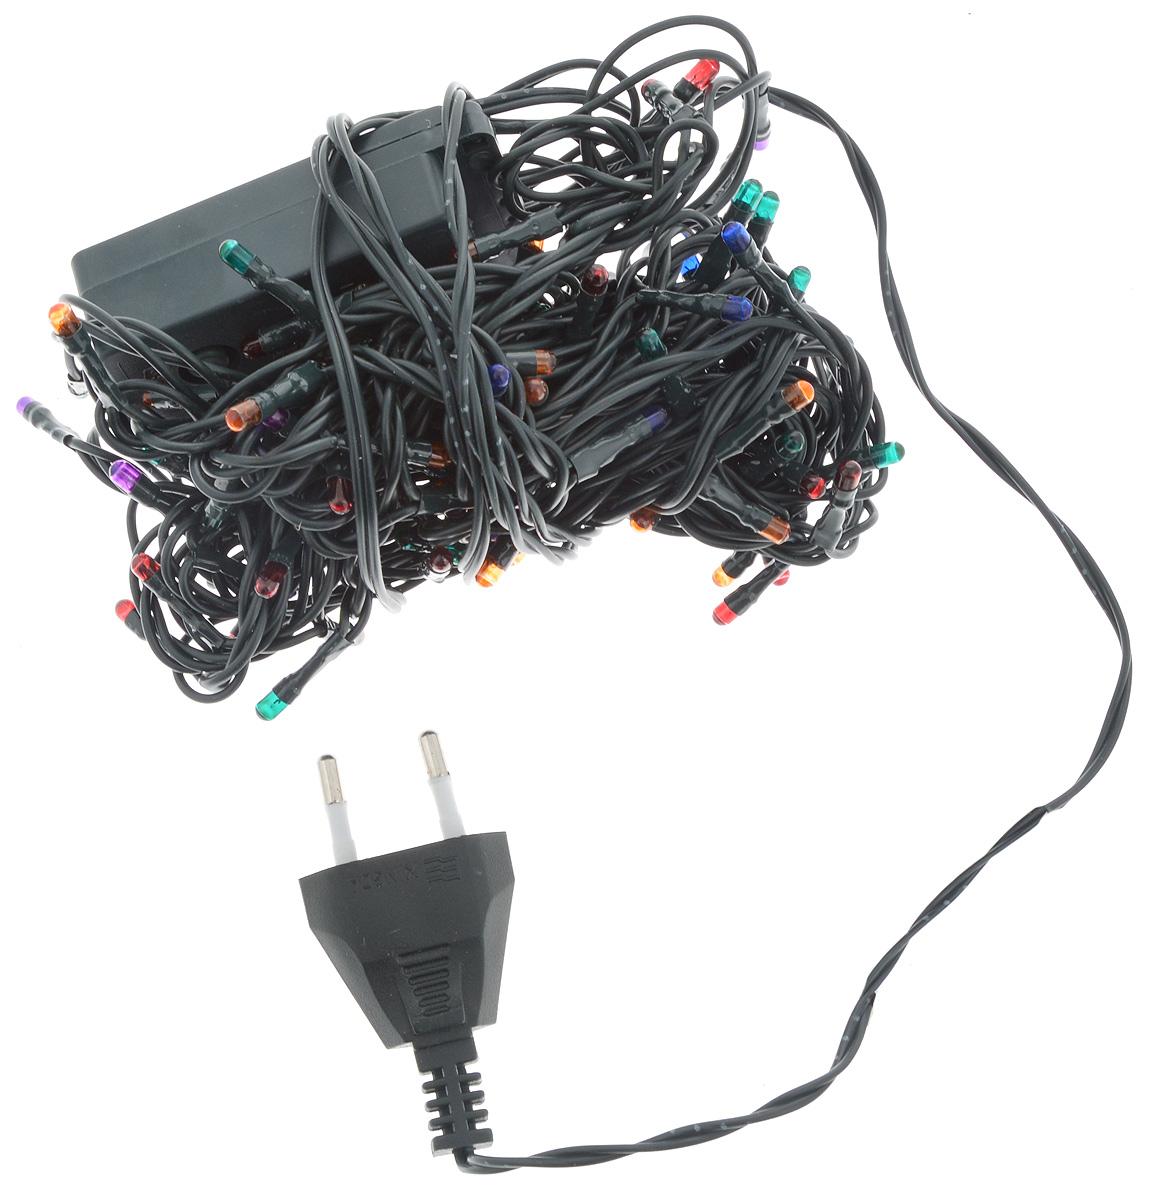 Гирлянда электрическая Winter Wings, с контроллером, 100 ламп, длина 6 мN11018Новогодняя электрическая гирлянда Winter Wings предназначена для украшения интерьеров. Изделие состоит из 100 разноцветных ламп. Гирлянда содержит незаменяемые лампы повышенного срока службы. Если одна лампа выходит из строя, остальные будут гореть. Оригинальный дизайн и красочное исполнение создадут праздничное настроение. Откройте для себя удивительный мир сказок и грез. Почувствуйте волшебные минуты ожидания праздника, создайте новогоднее настроение вашим дорогим и близким. Напряжение: 220 V. Частота: 50 Hz. Мощность: 65 Вт. Цвет кабеля: зеленый. Общая длина: 6 м. Длина провода от последней лампочки до вилки: 1,5 м. Цвет ламп: разноцветные. Количество ламп: 100. Количество режимов мигания: 8. Используются лампы: Напряжение: 9 В. Мощность: 0,63 Вт.